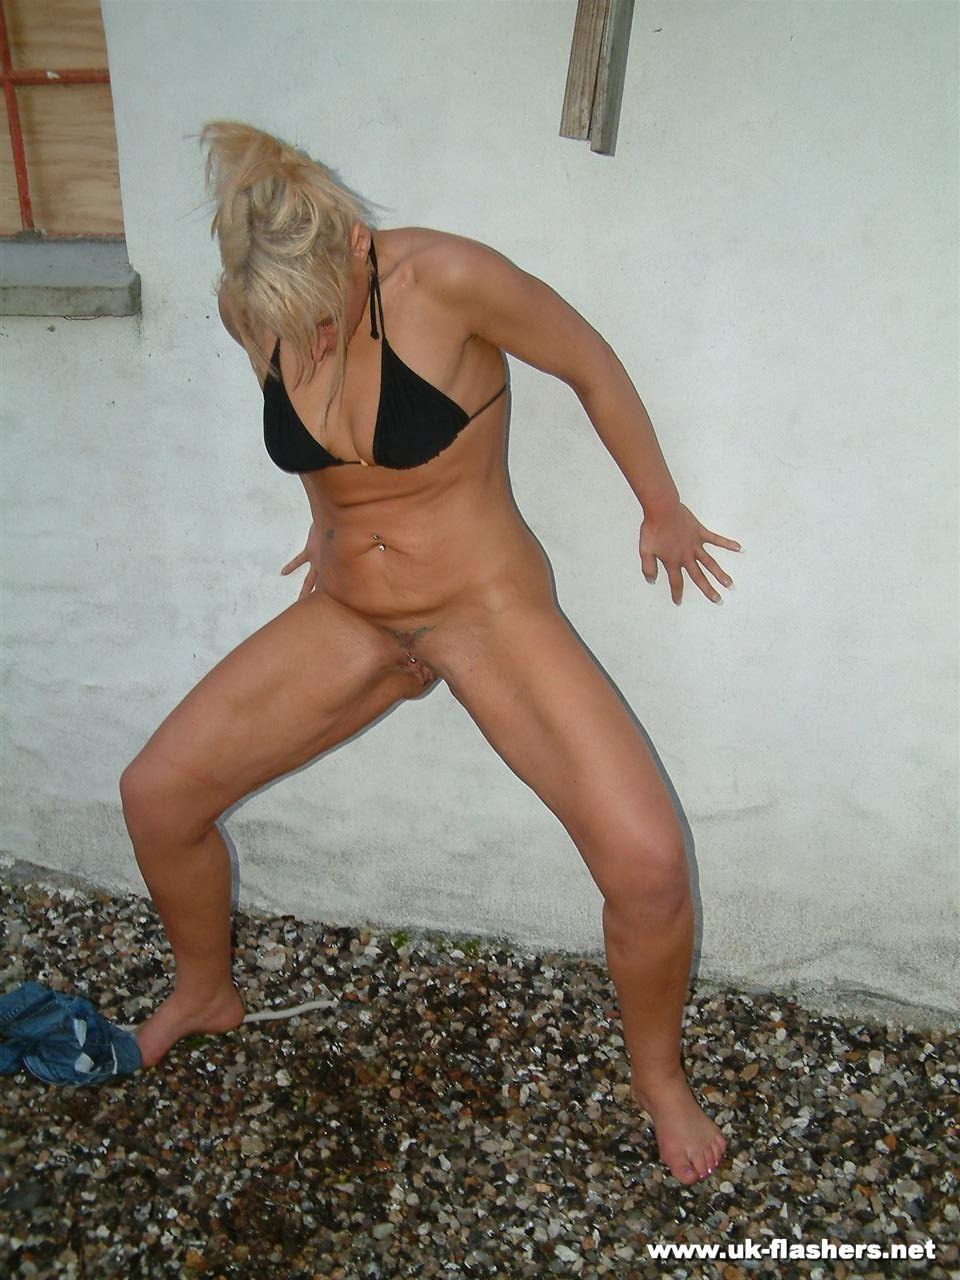 Peeing in public pics